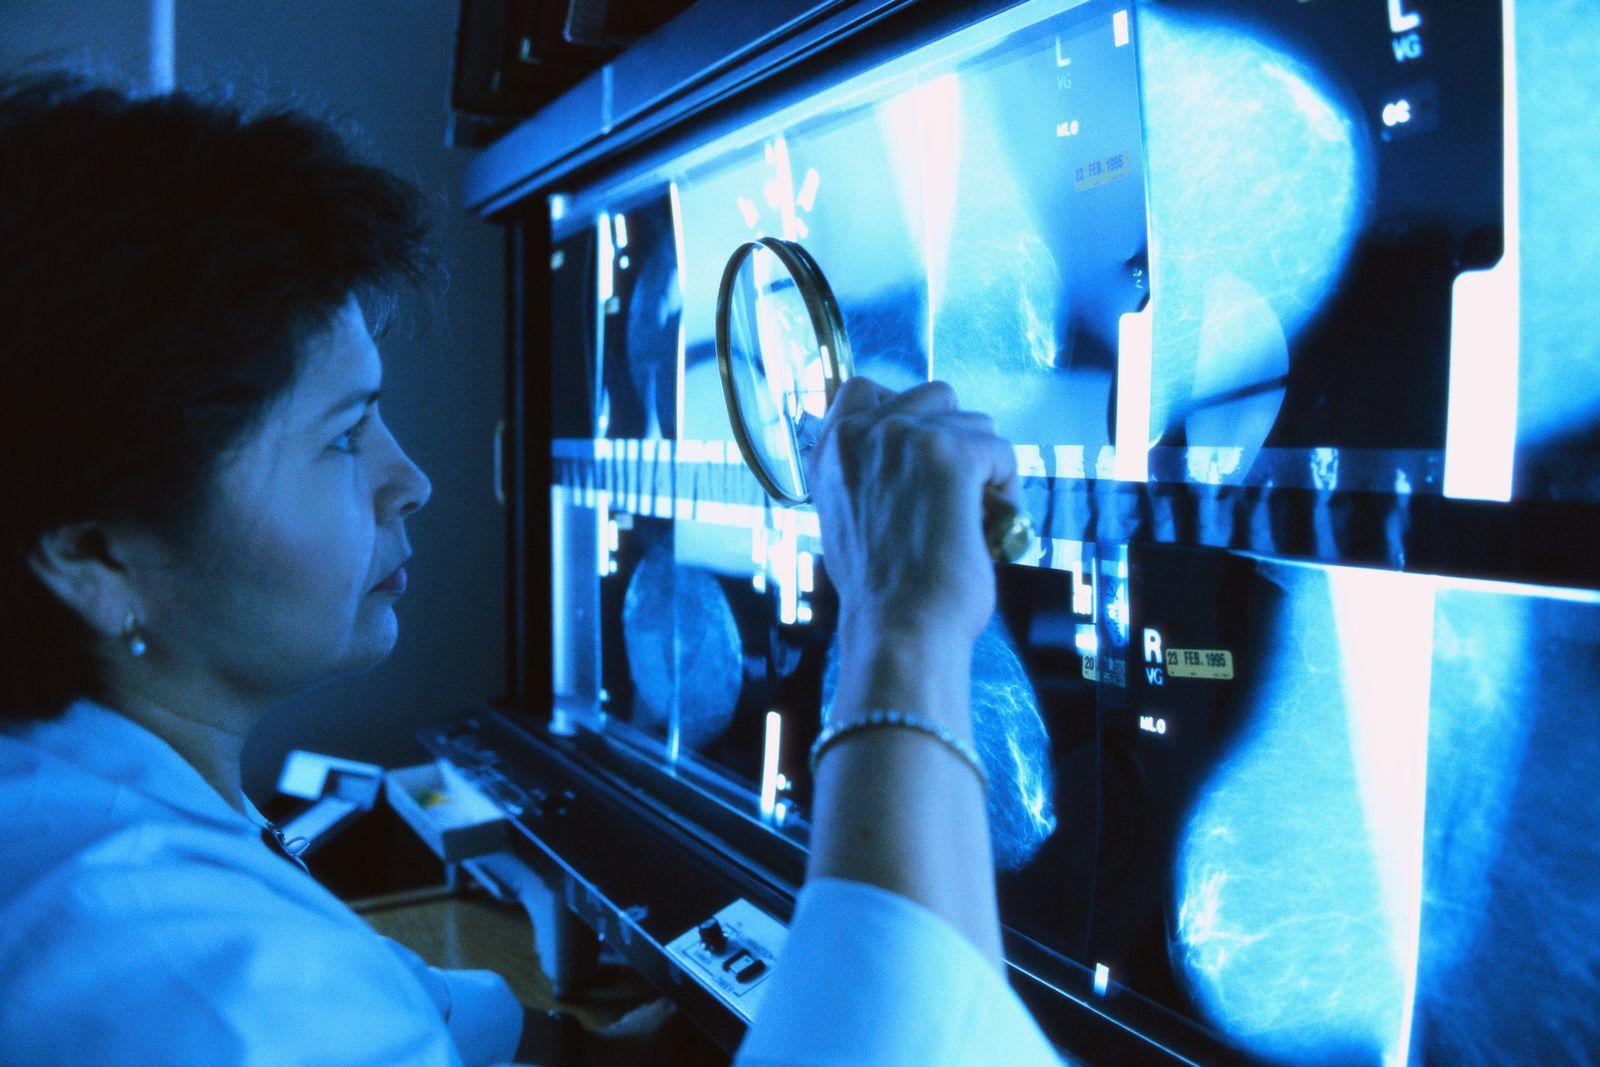 NICHT MEHR VERWENDEN! - Mammografie / Brust Krebs